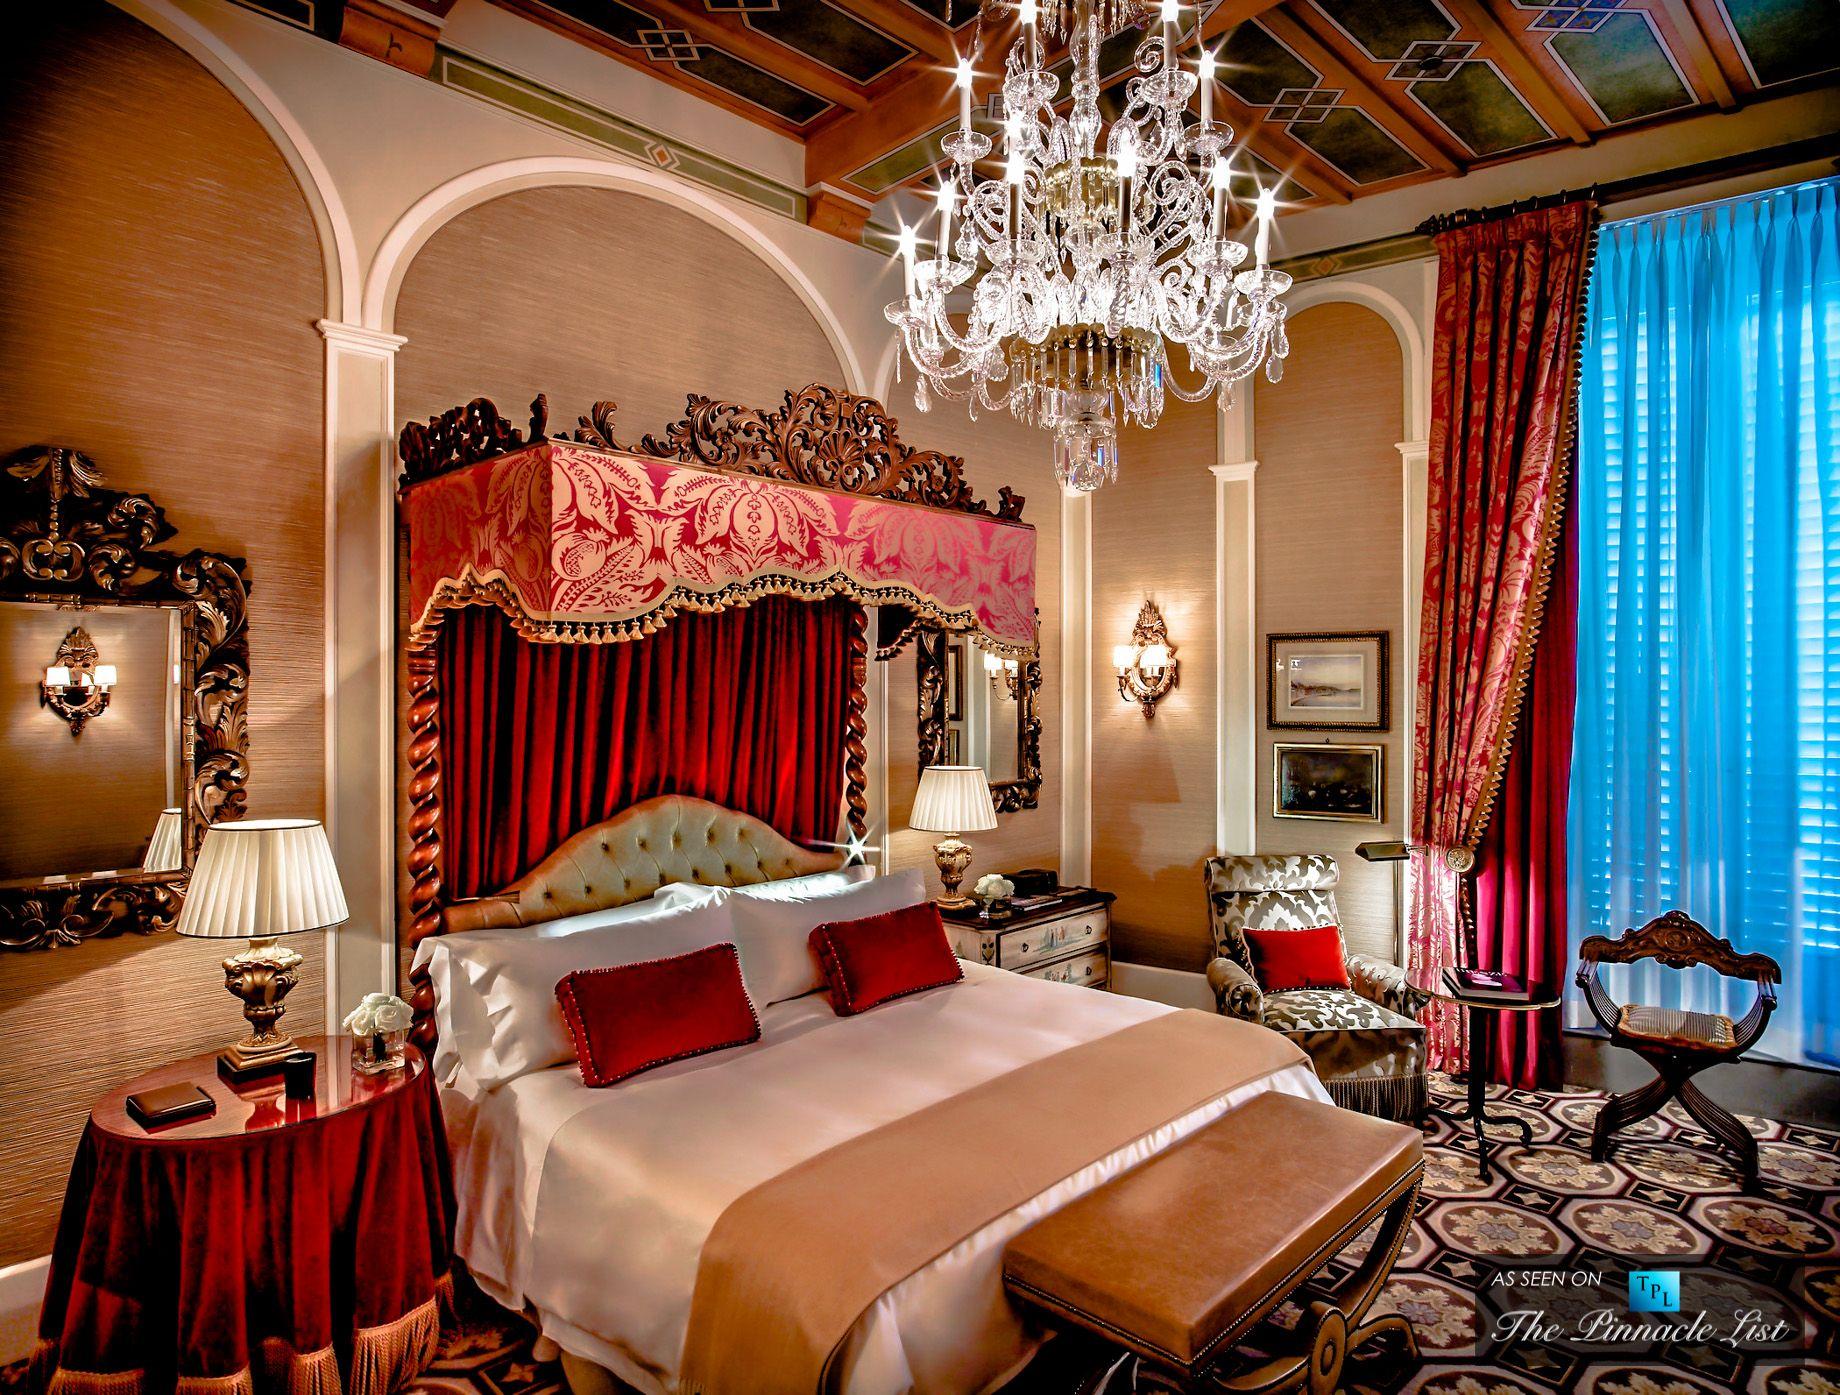 st. regis luxury hotel - florence, italy - premium deluxe